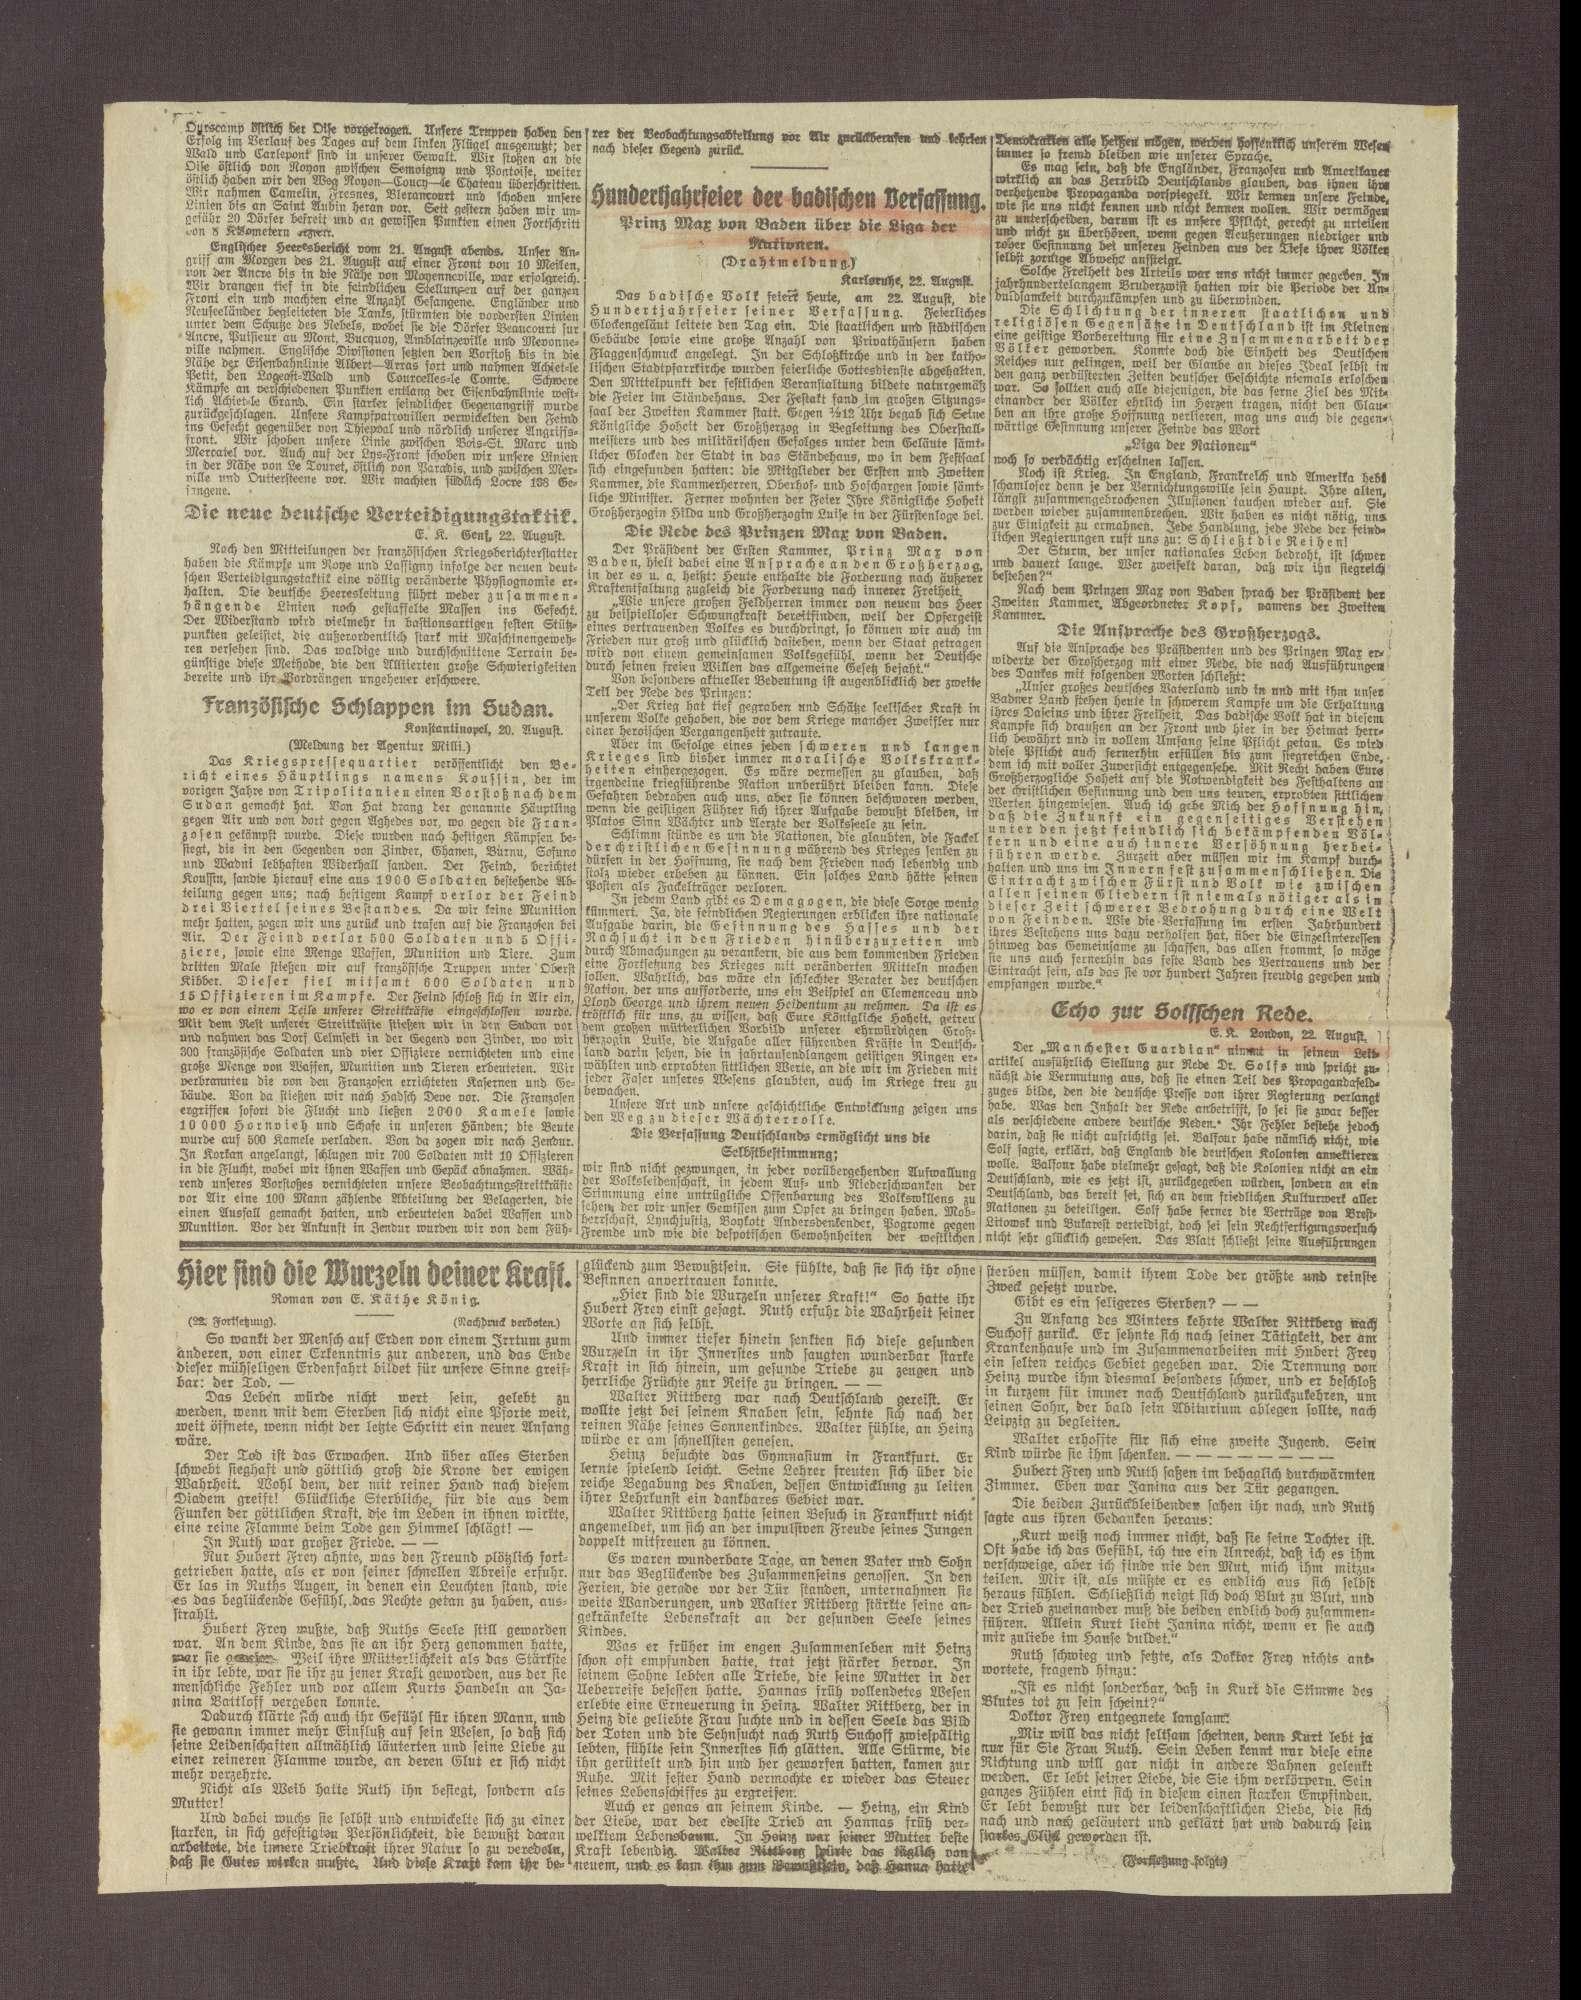 """Artikel in der Deutschen Tageszeitung: """"Hundertjahrfeier der badischen Verfassung"""", Bild 2"""